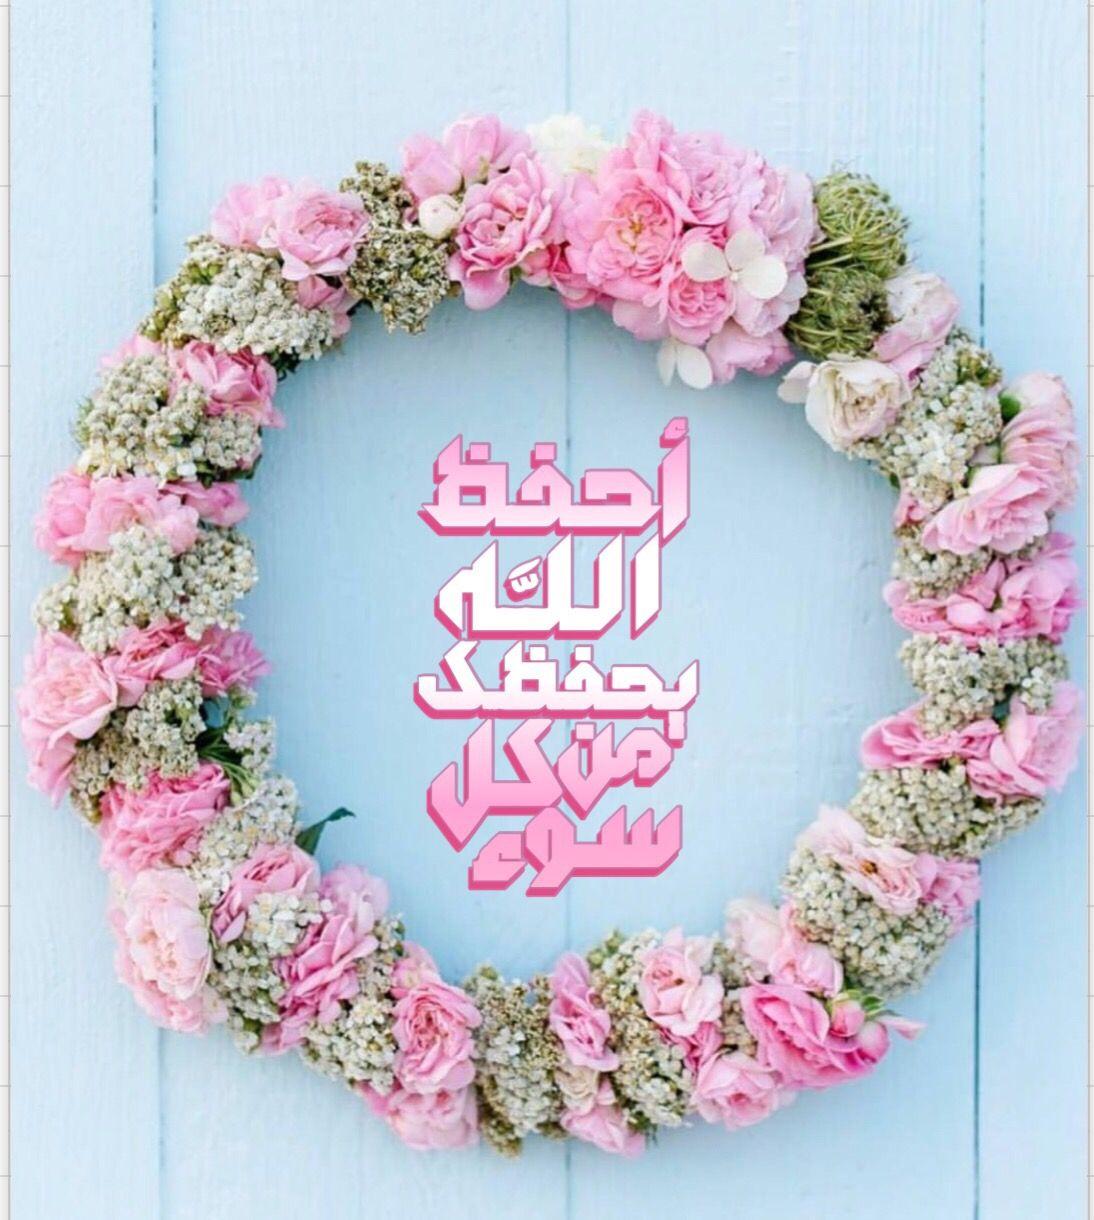 احفظ الله يحفظك احفظ الله تجده تجاهك إذا سألت فاسأل الله وإذا استعنت فاستعن بالله حفظكم الله من كل سوء Floral Floral Wreath Wreaths